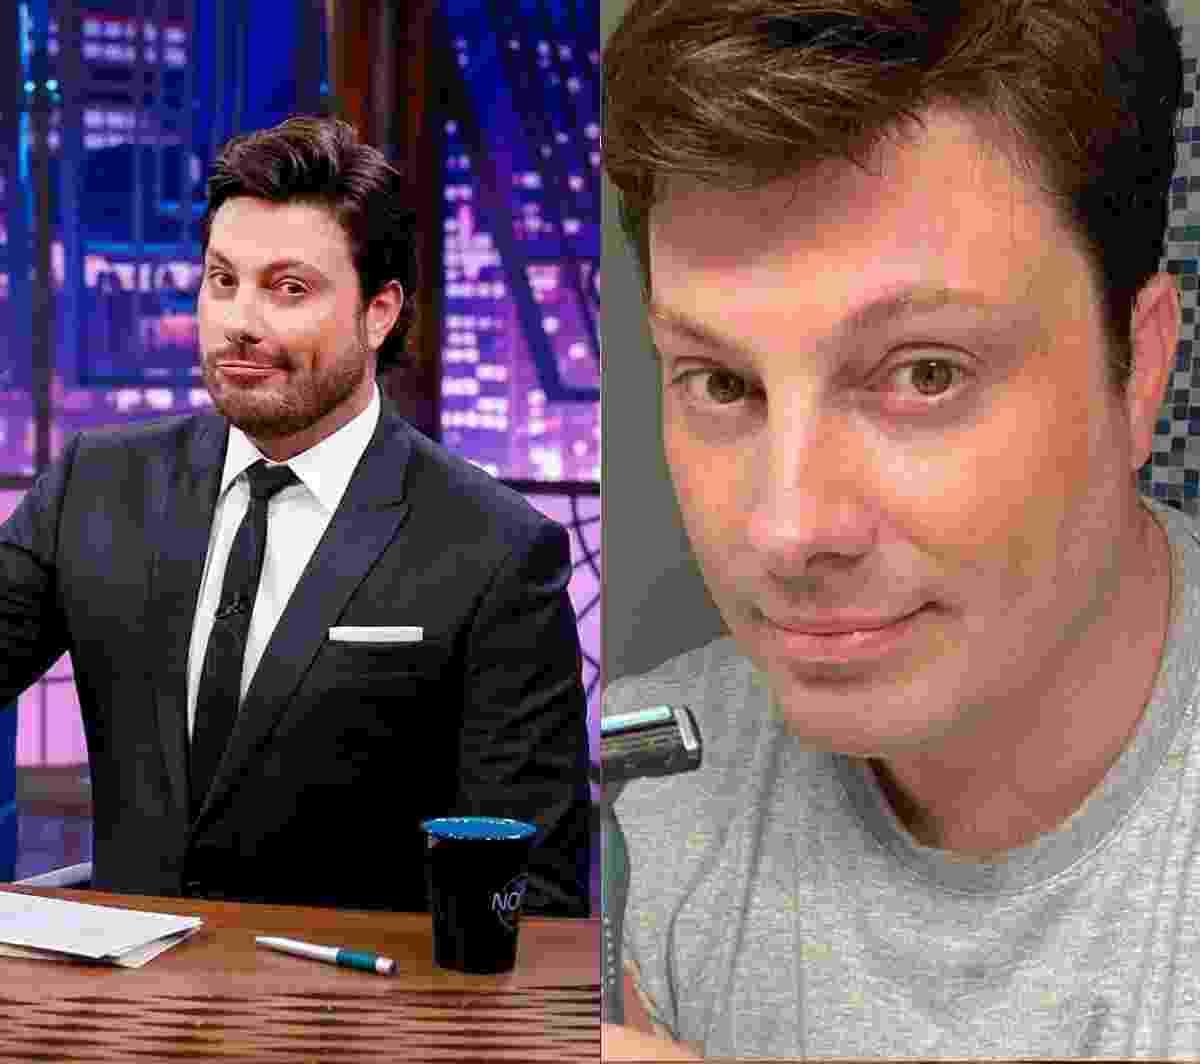 """Danilo Gentili (apresentador): Ao rapar a barba, o apresentador do The Noite justificou: """"Raspei a barba pro coronga [sic] virús não ficar preso nela"""" - Reprodução/Instagram"""